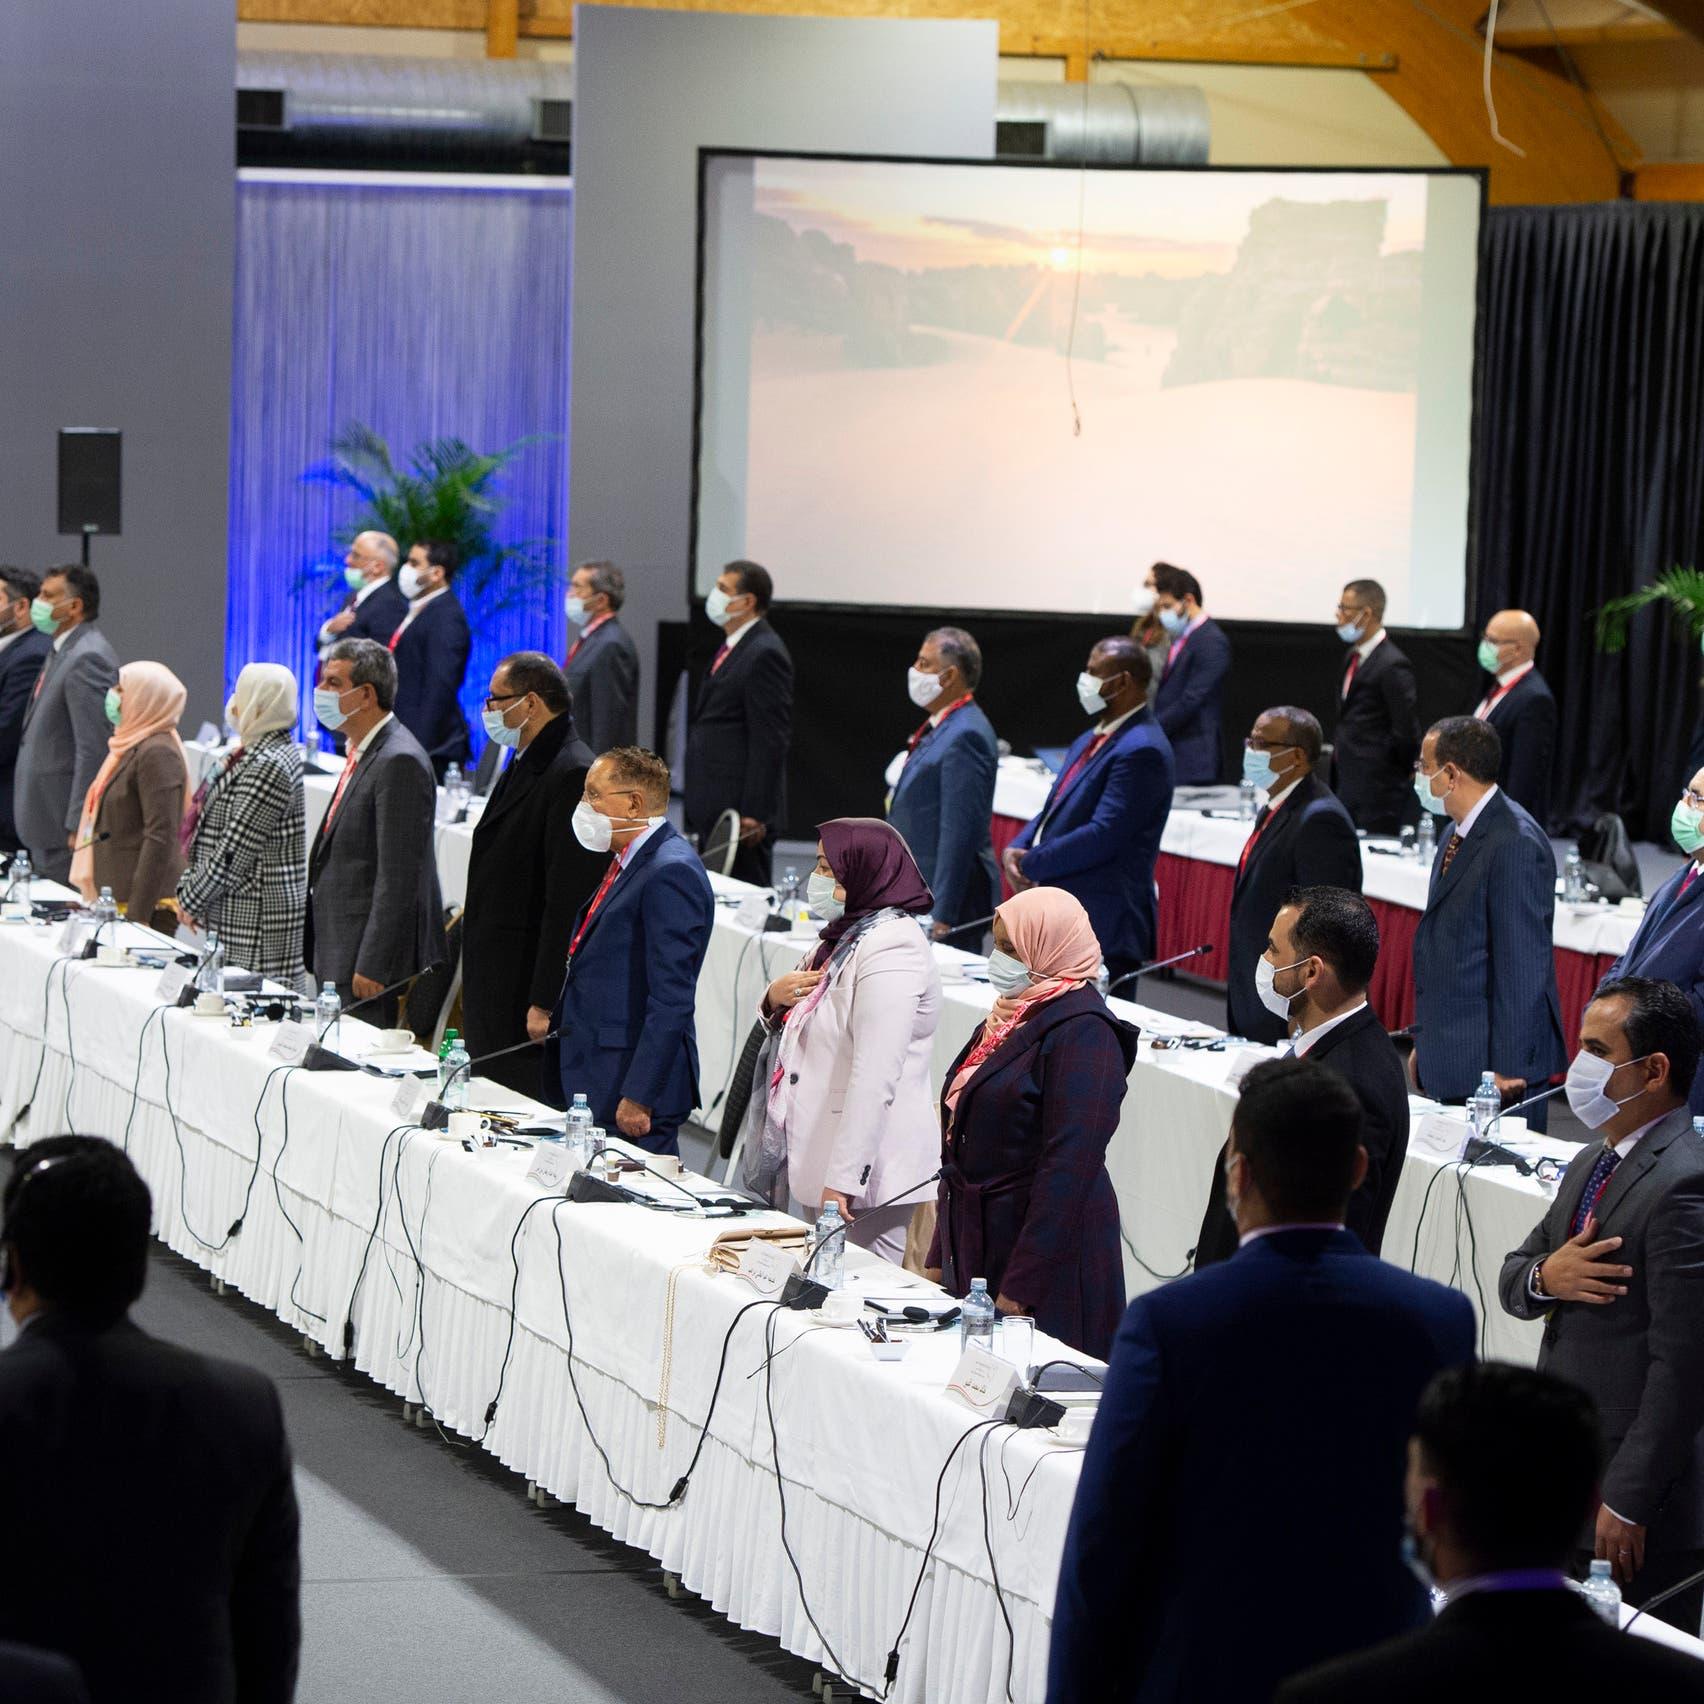 مجلس الأمن يدعو لسحب المرتزقة والقوات الأجنبية من ليبيا